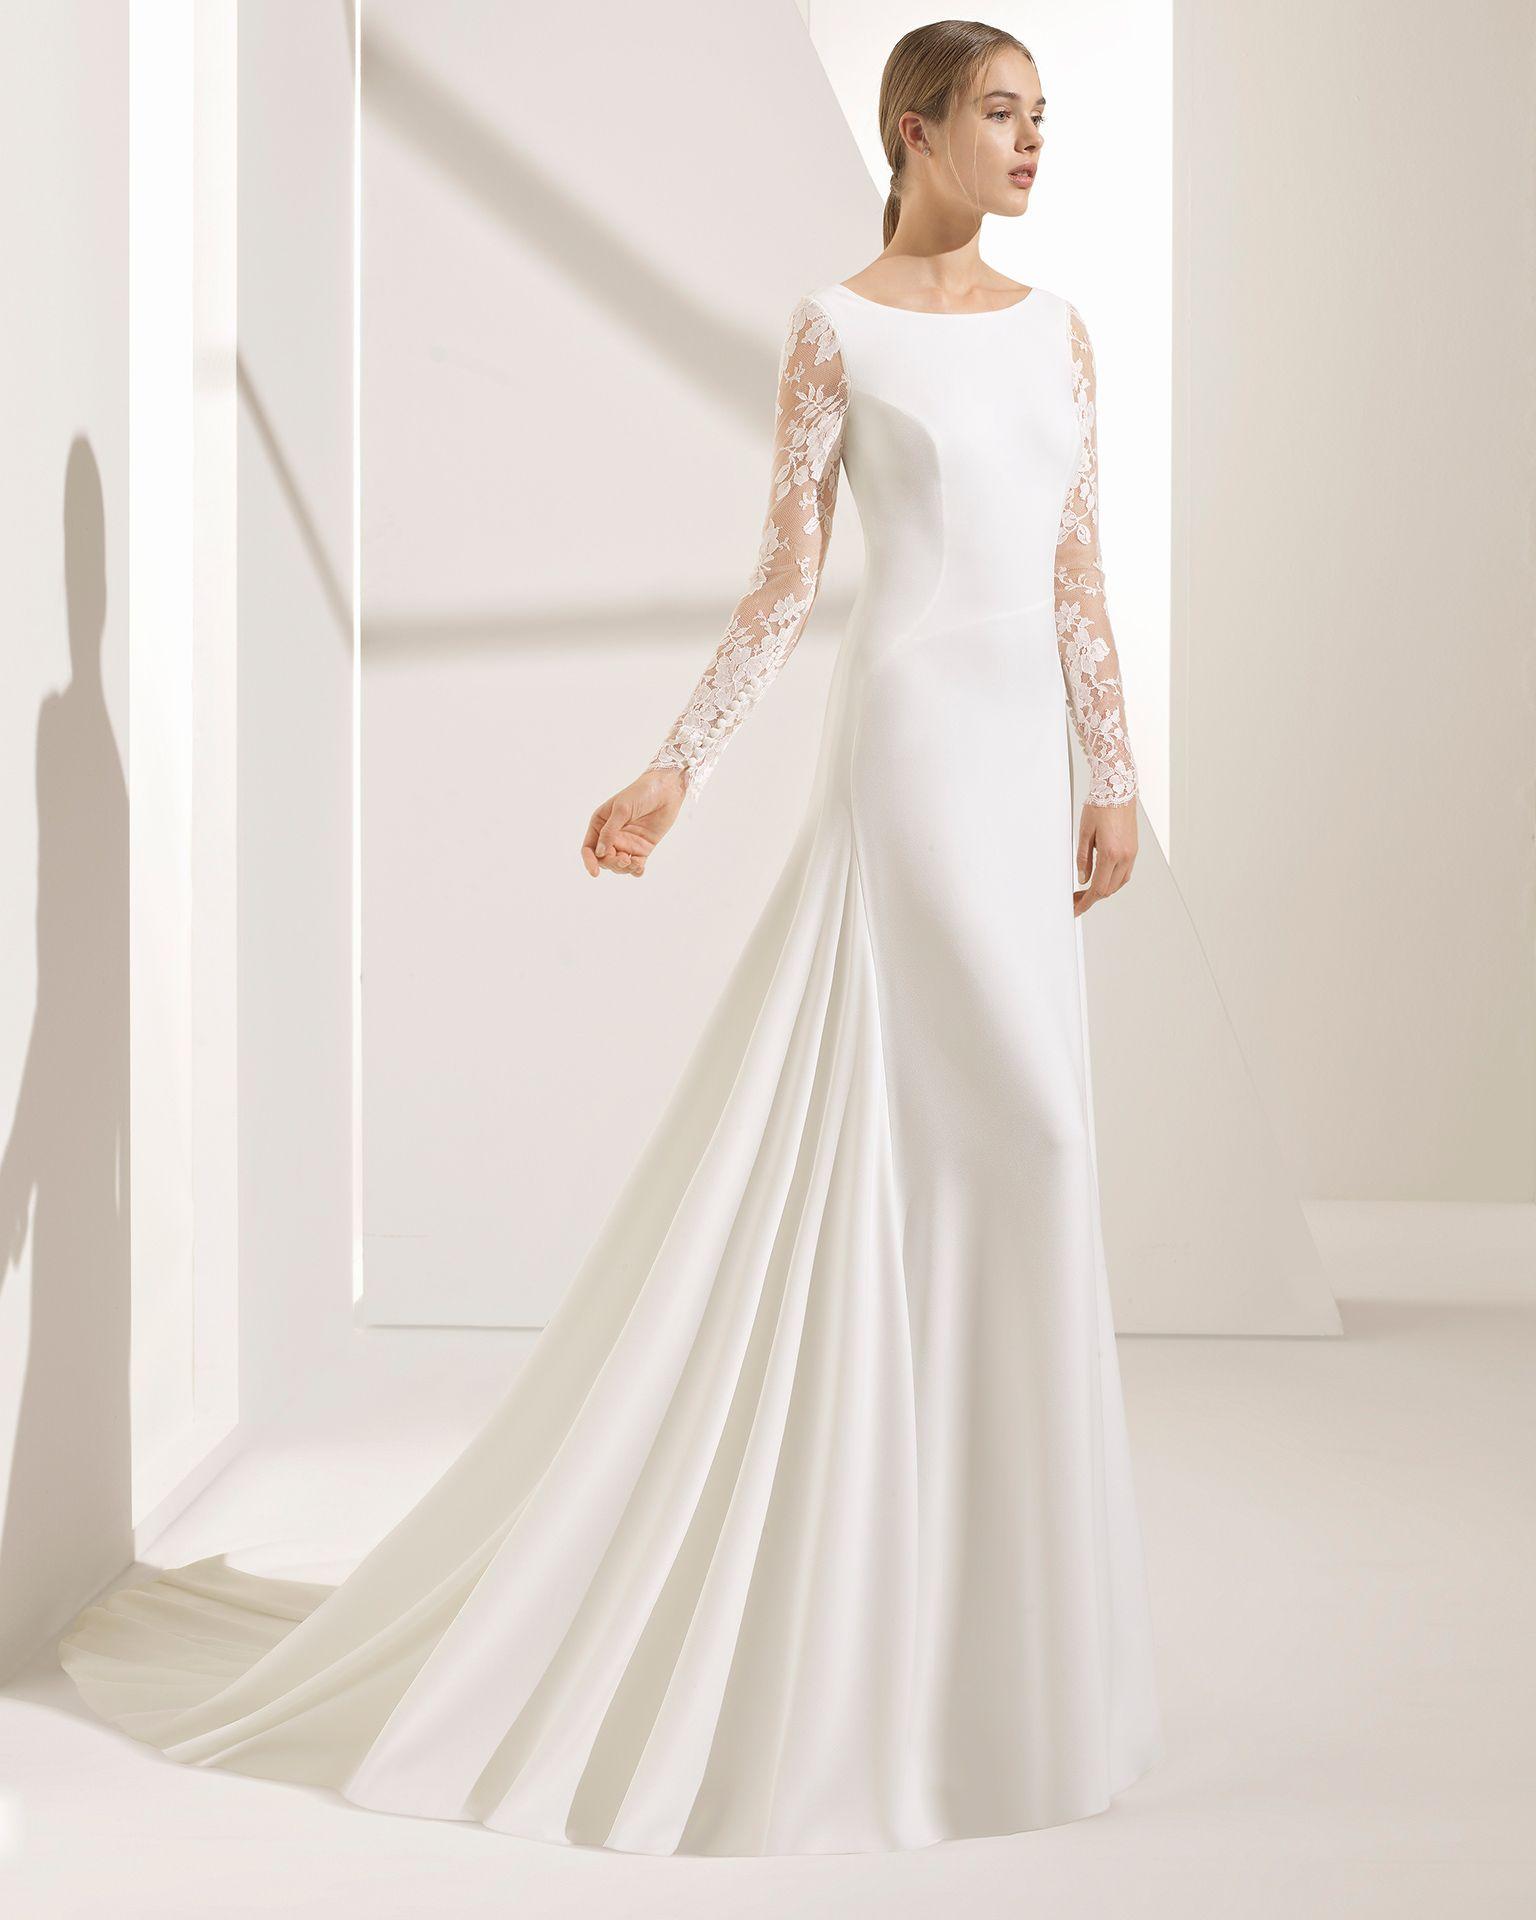 NIOBE - Noiva 2018.Coleção Rosa Clará Couture  76be03096265